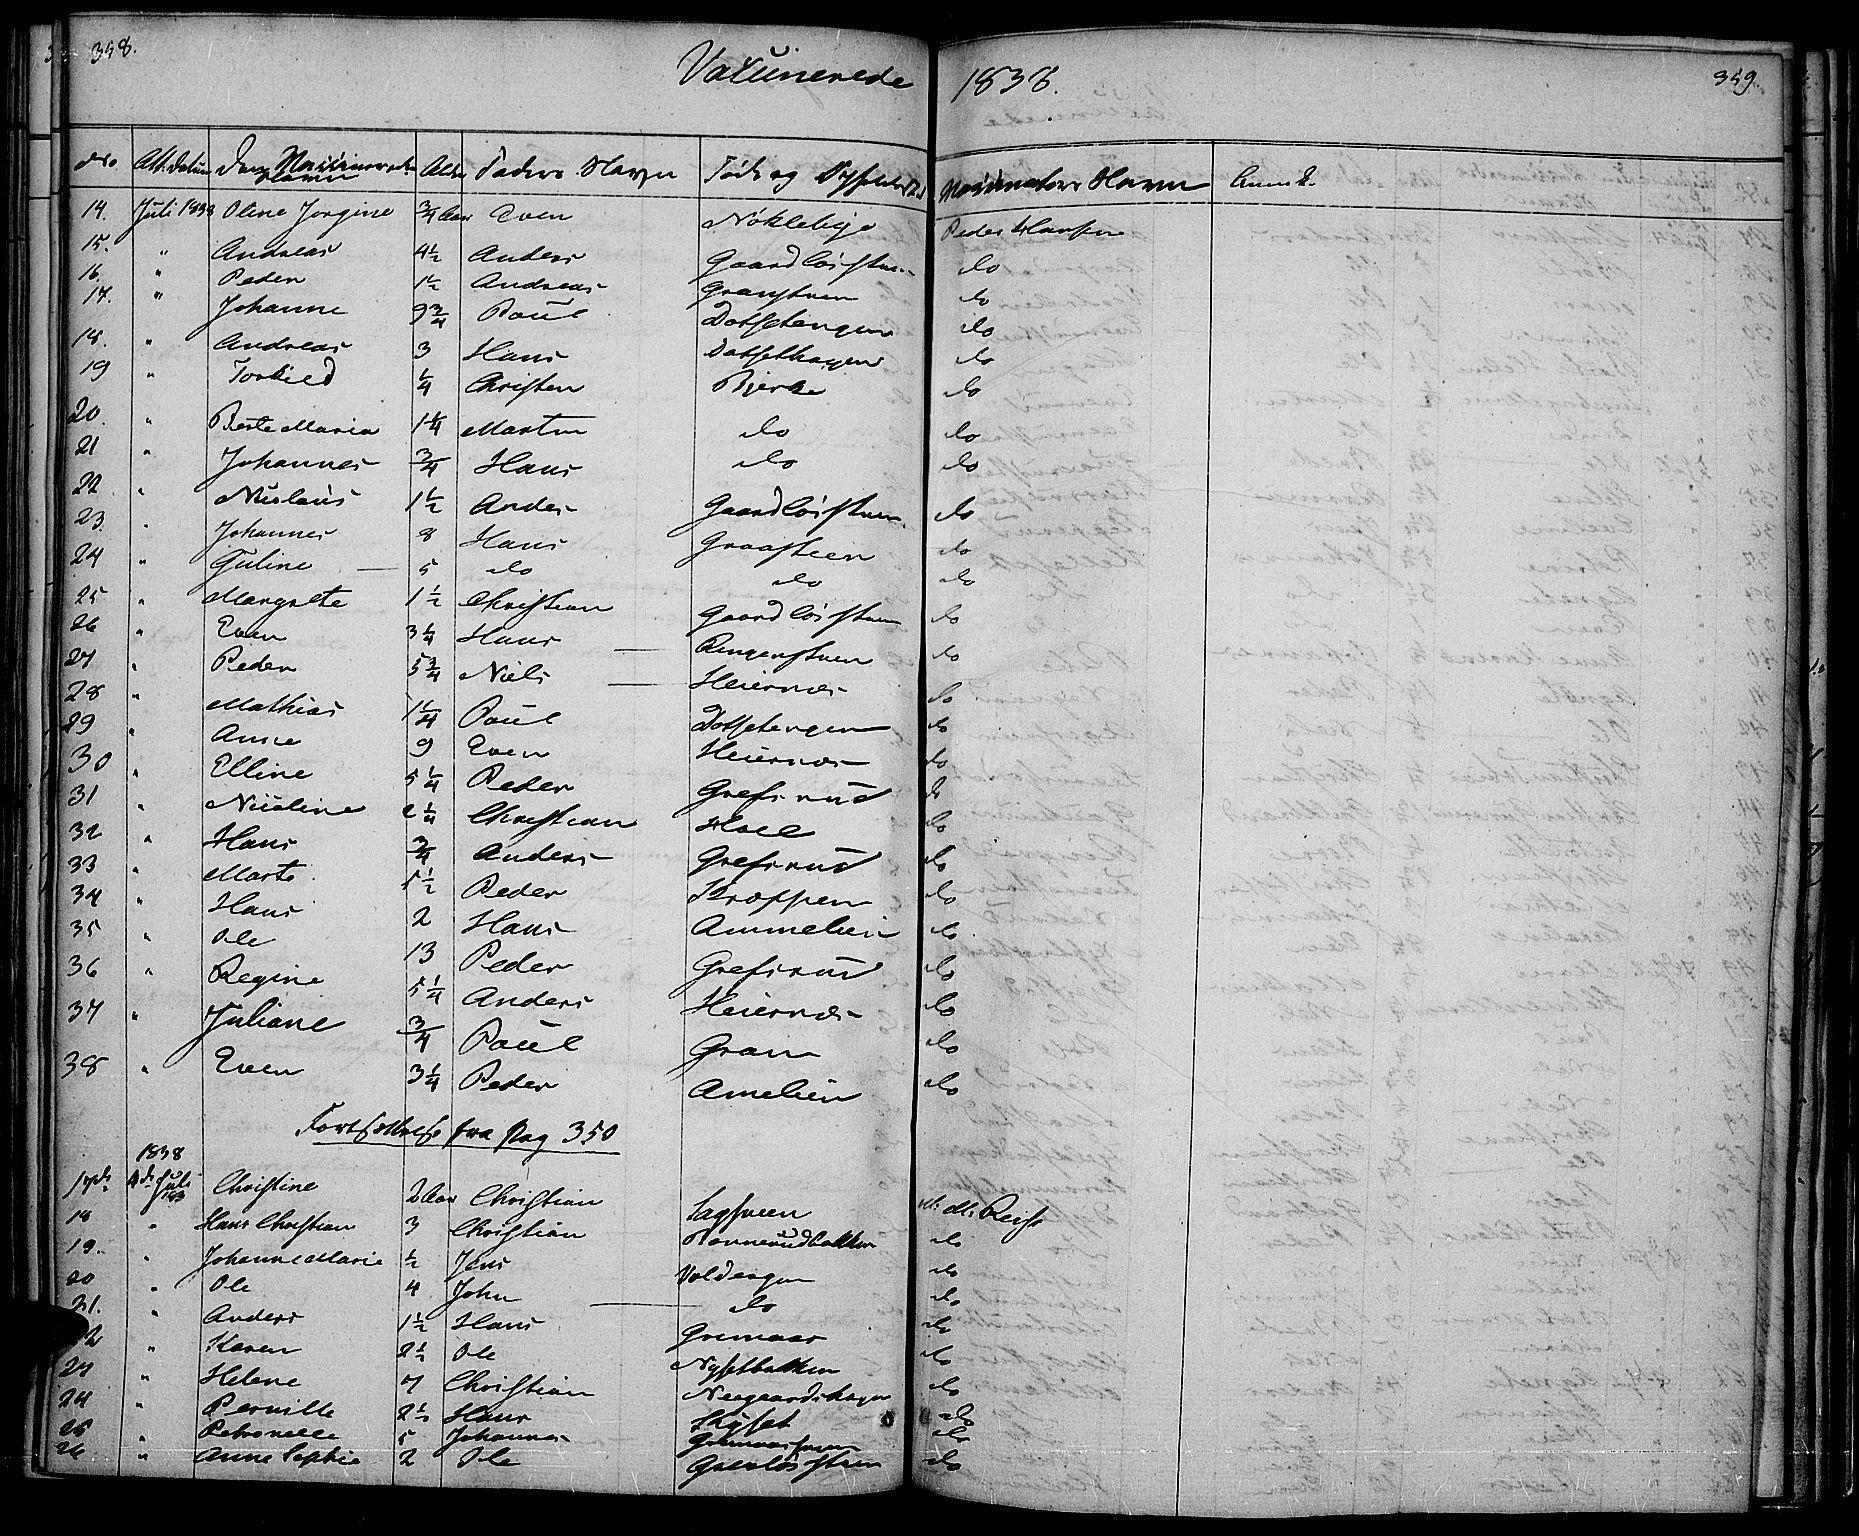 SAH, Vestre Toten prestekontor, Ministerialbok nr. 3, 1836-1843, s. 358-359